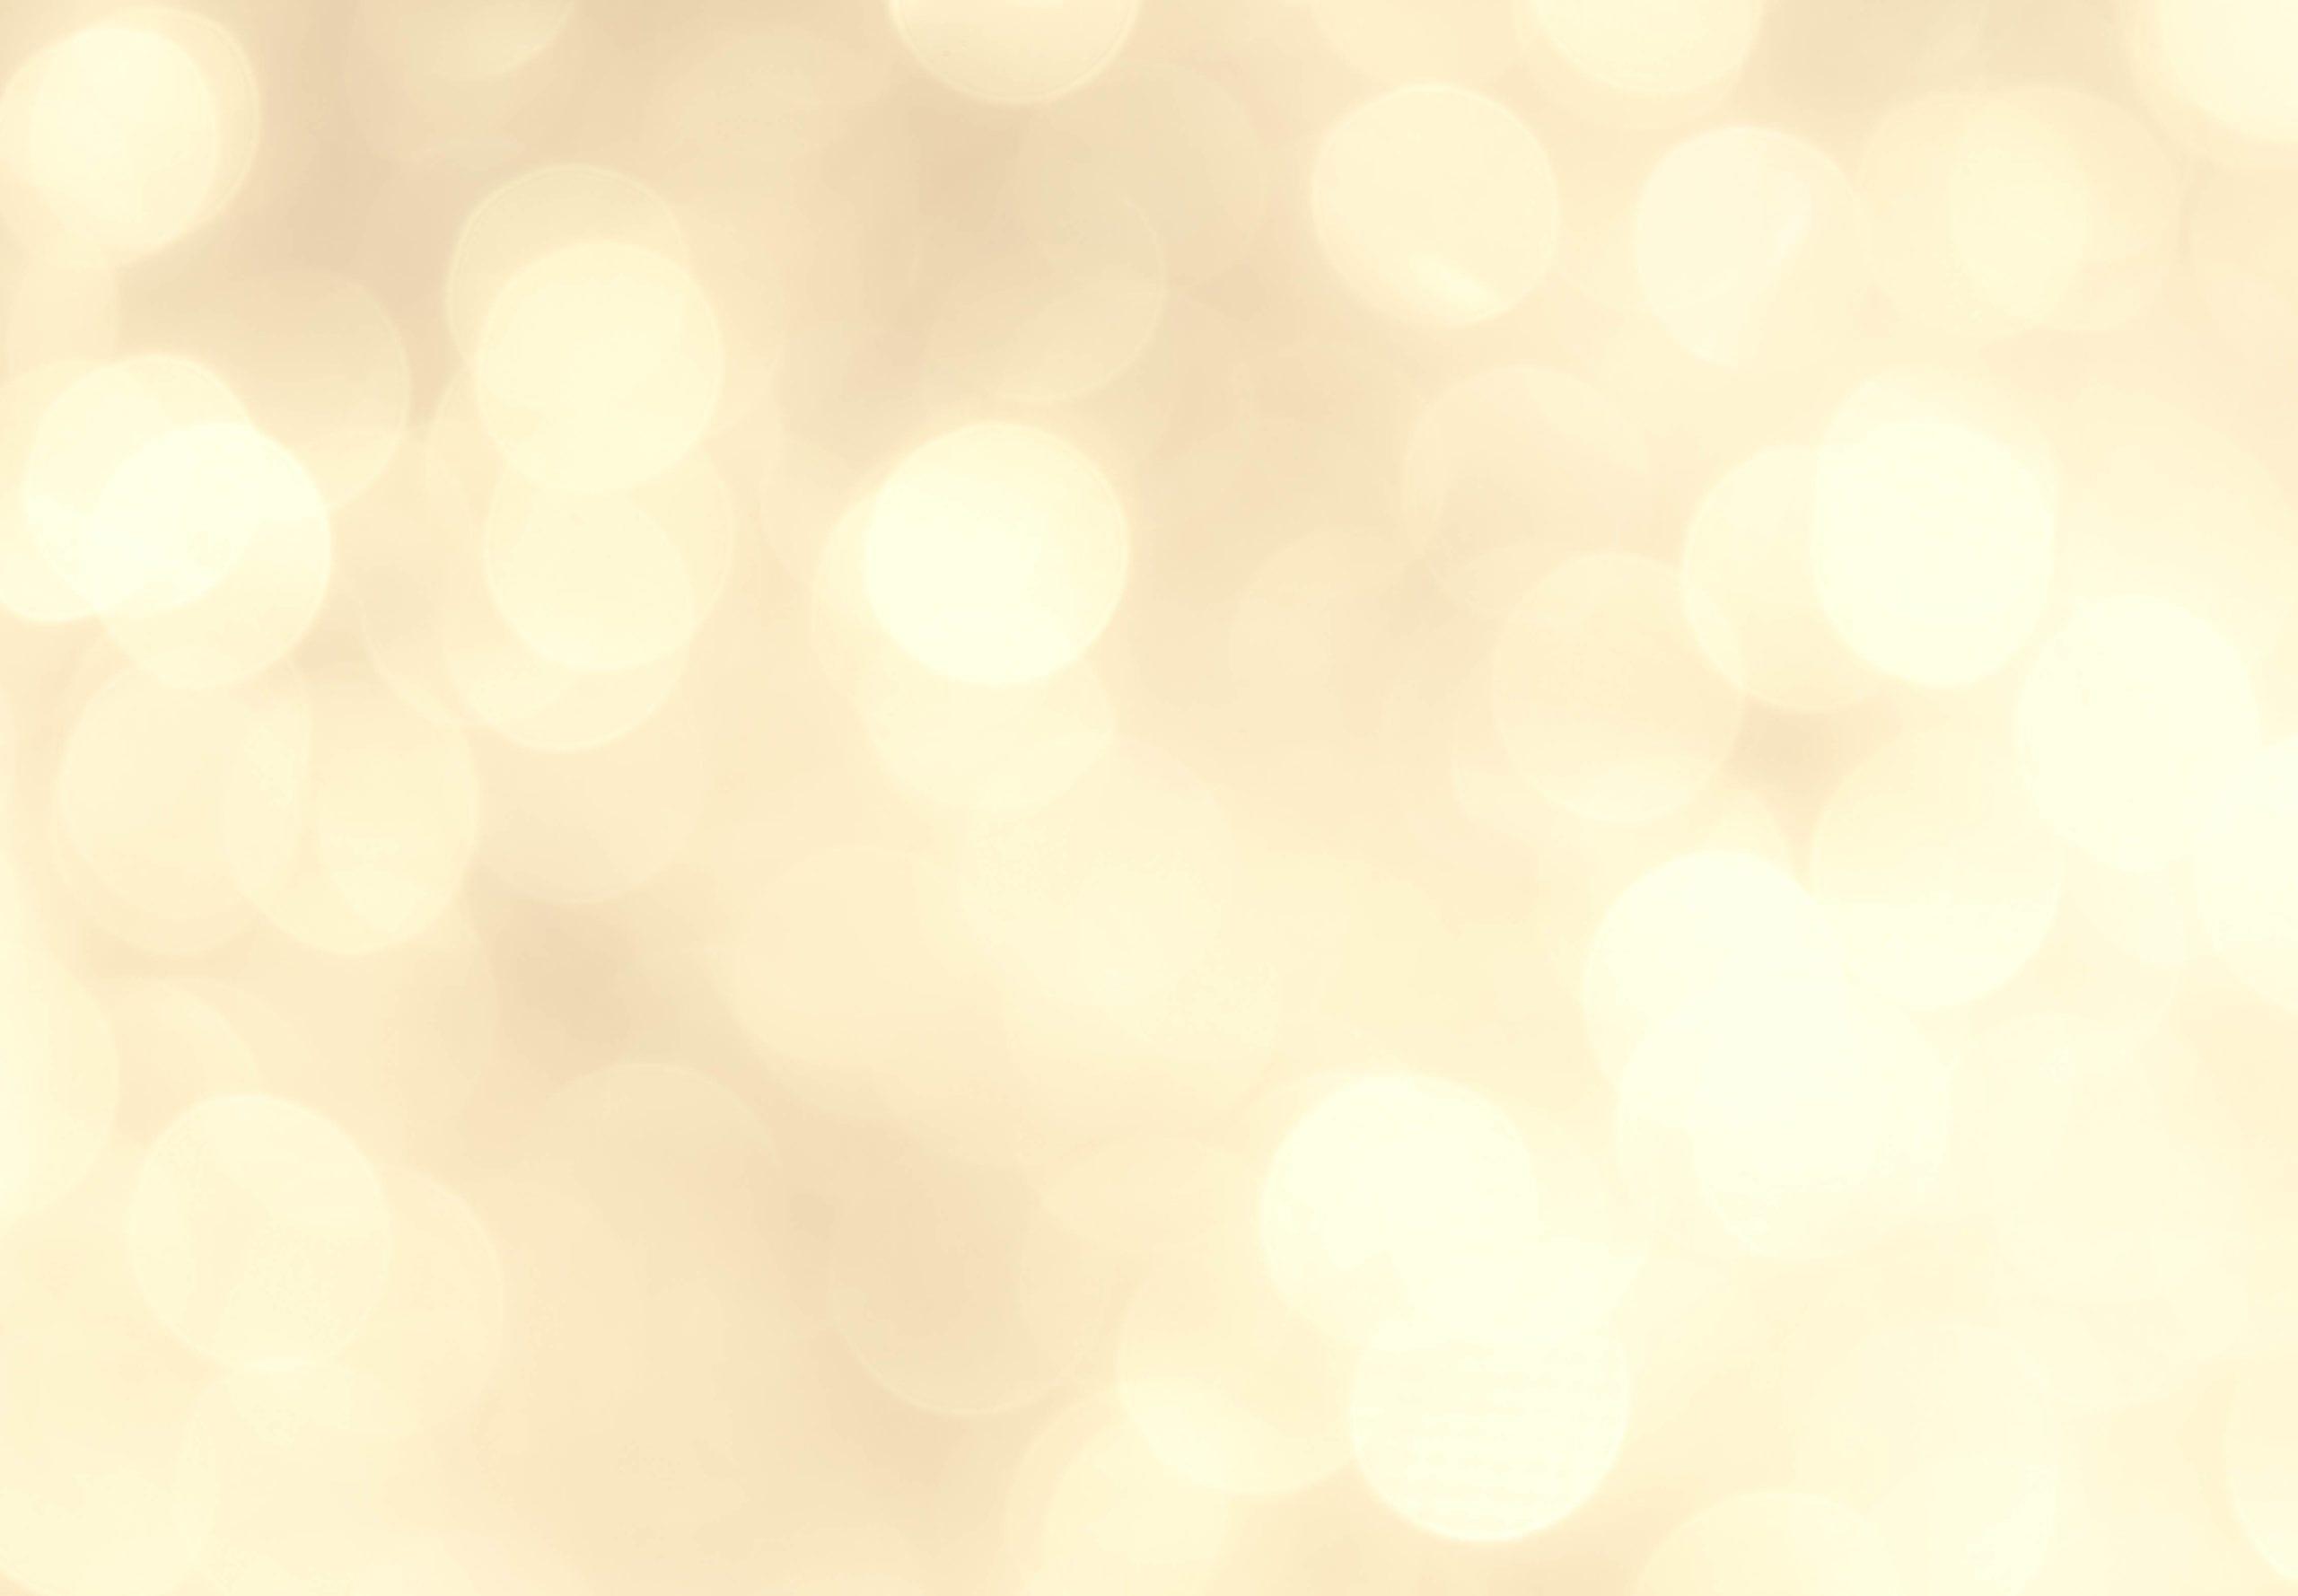 Gold bokah lighting